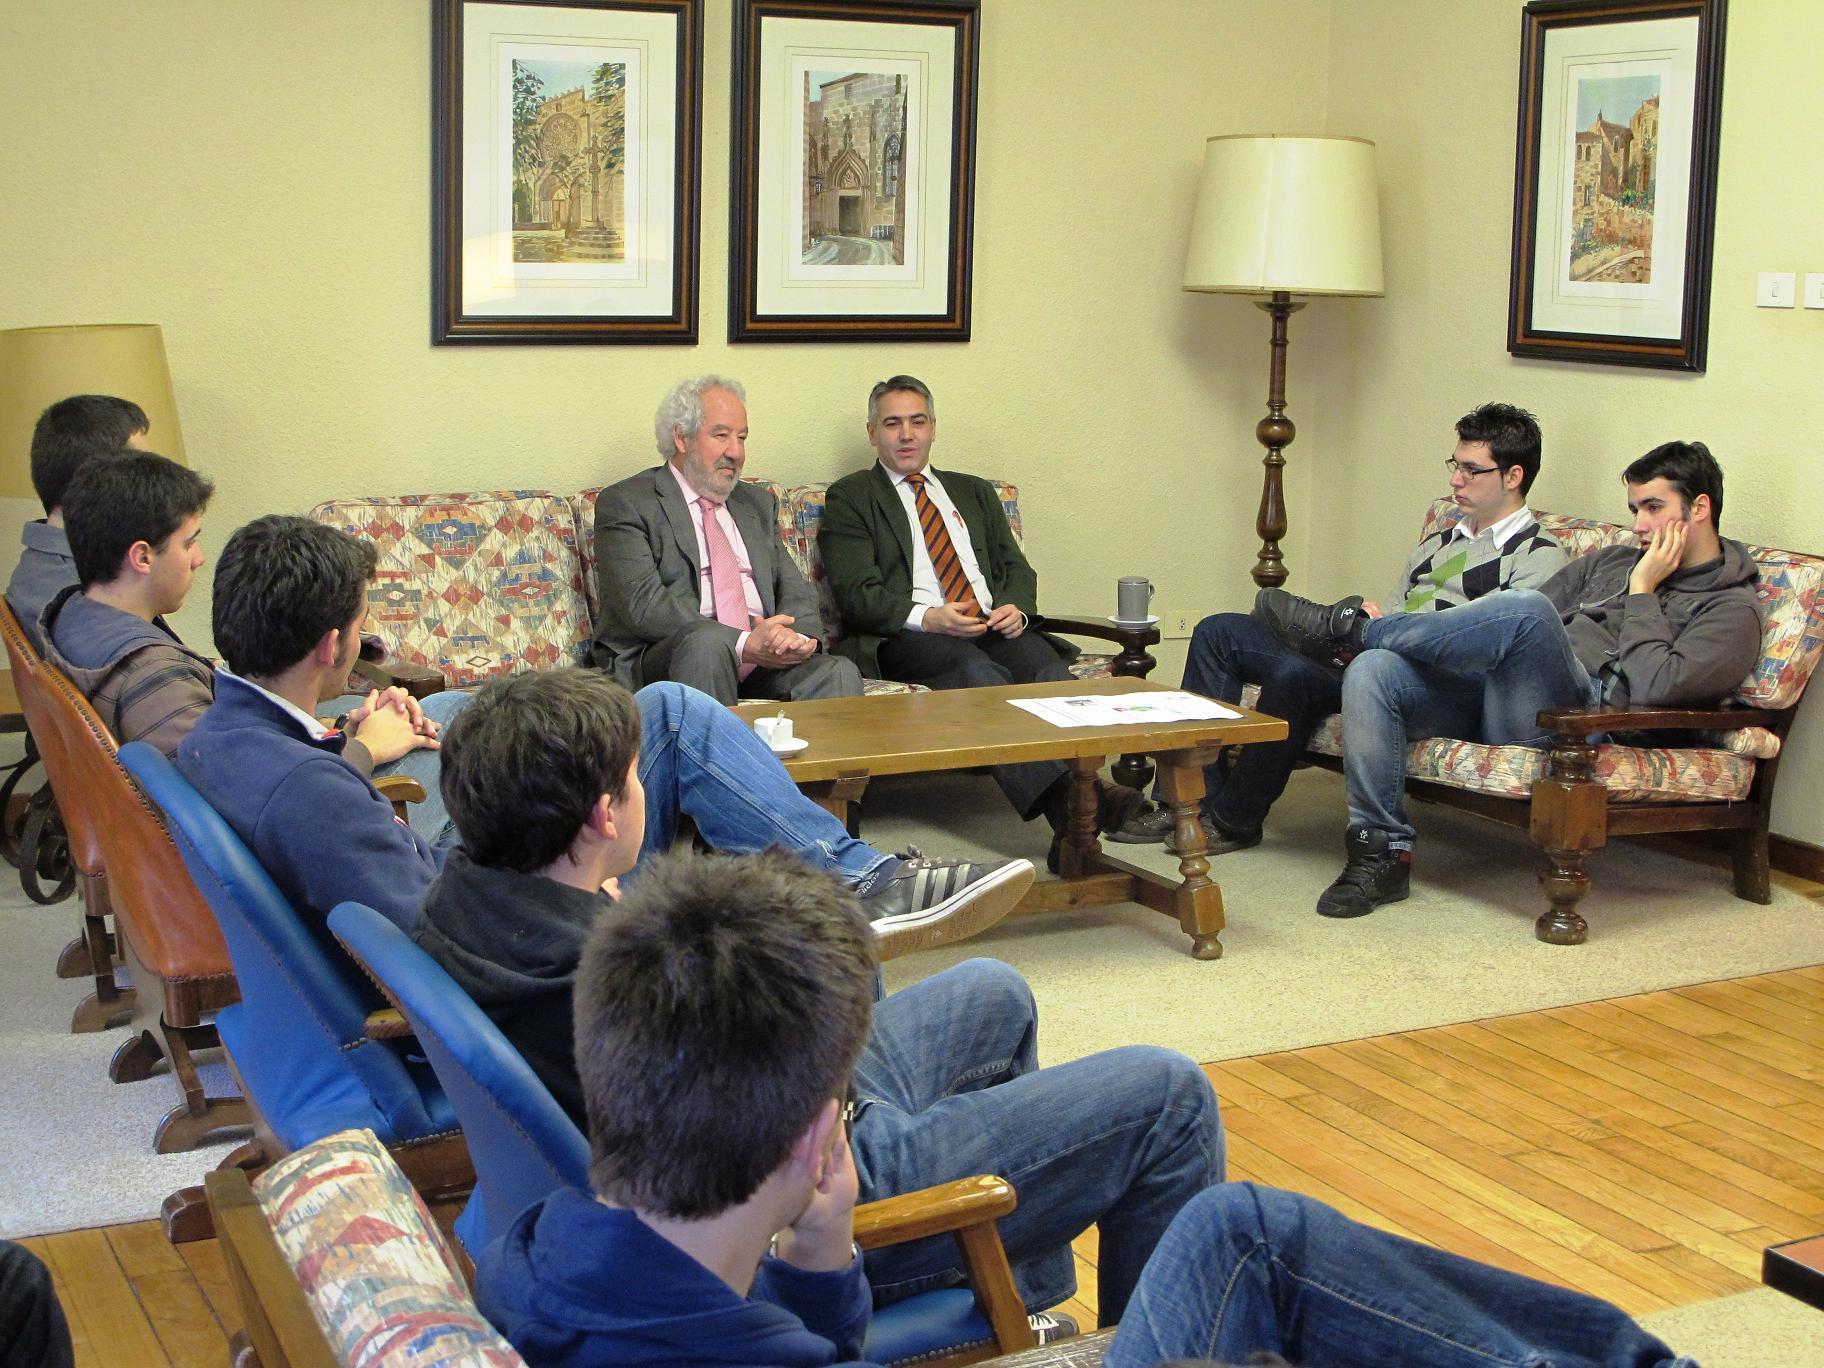 Javier Vidal, Director Noroeste de la Sociedad General de Autores (SGAE)  visita el Colegio Mayor La Estila para hablar de cómo funciona la SGAE.